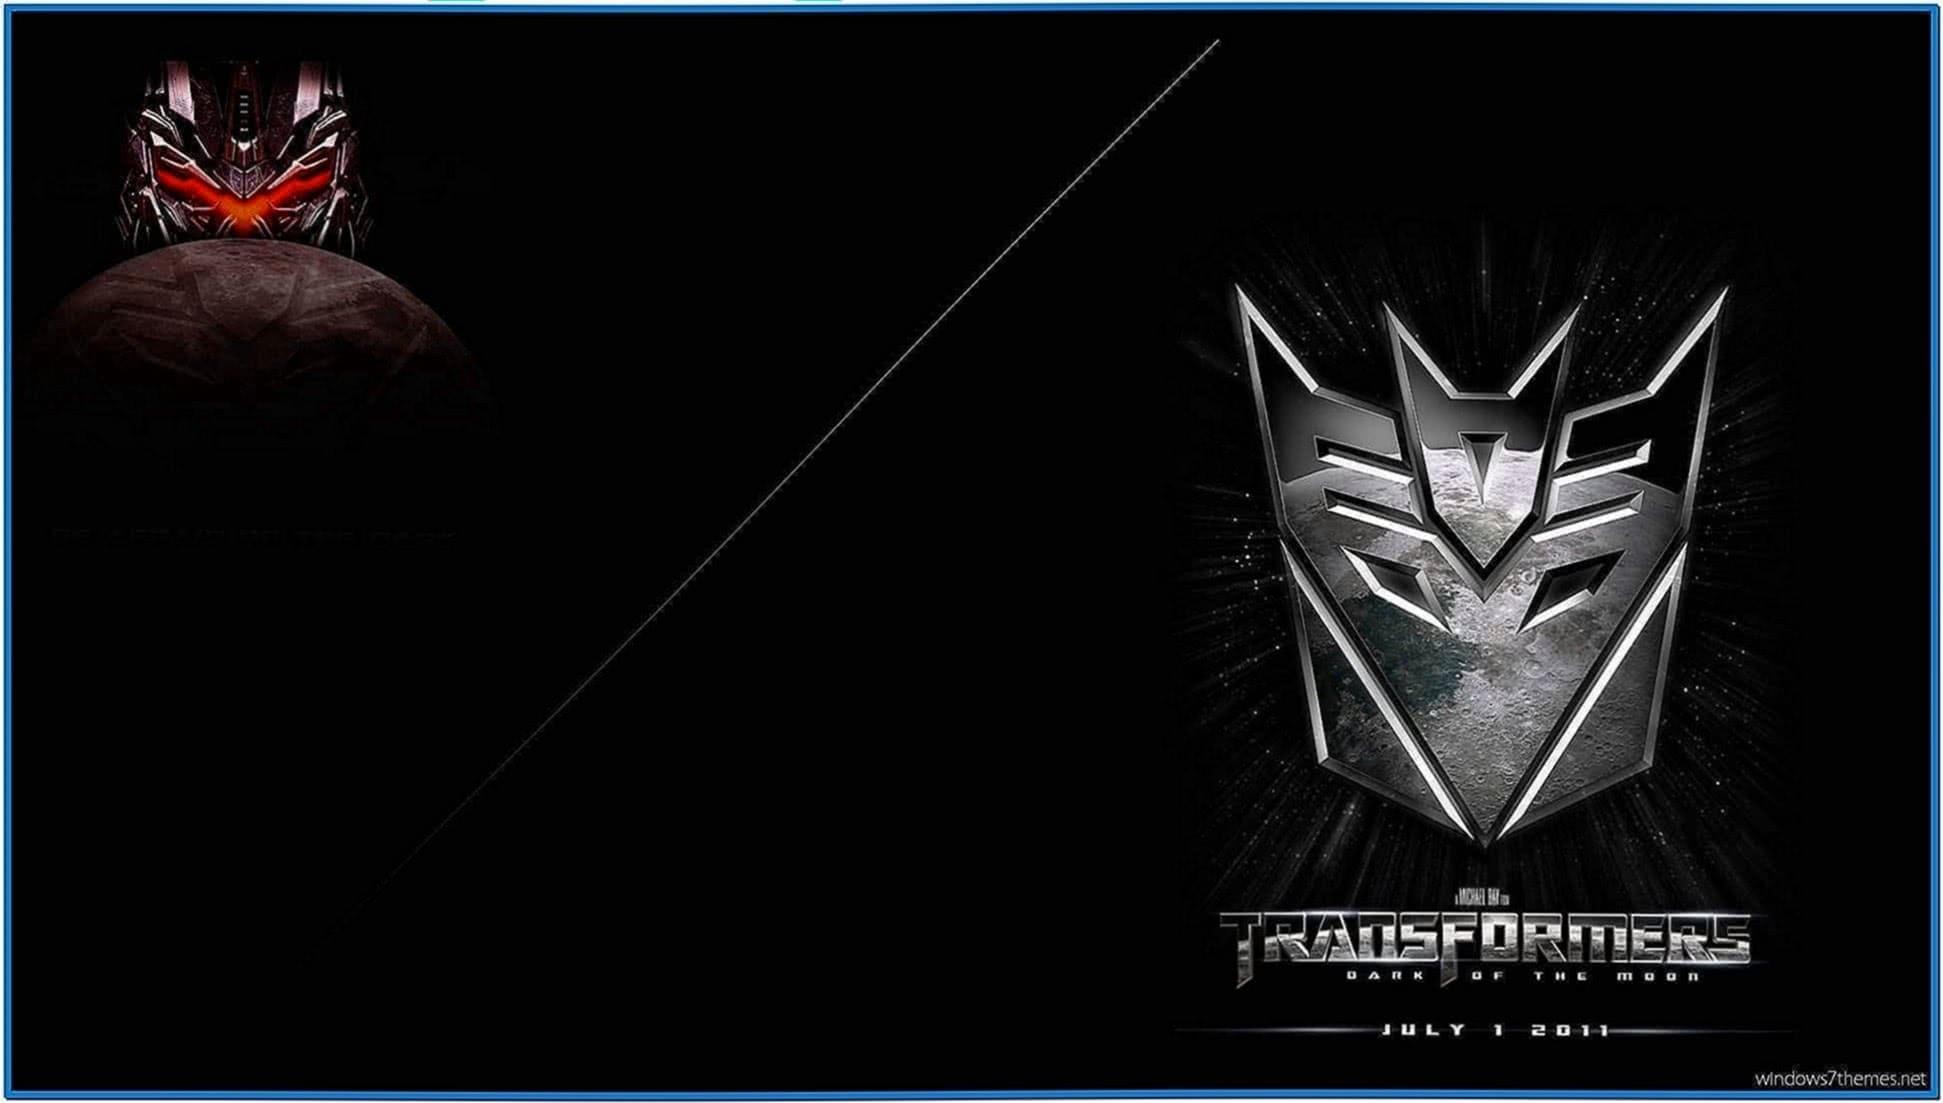 Transformers Screensaver Windows 7